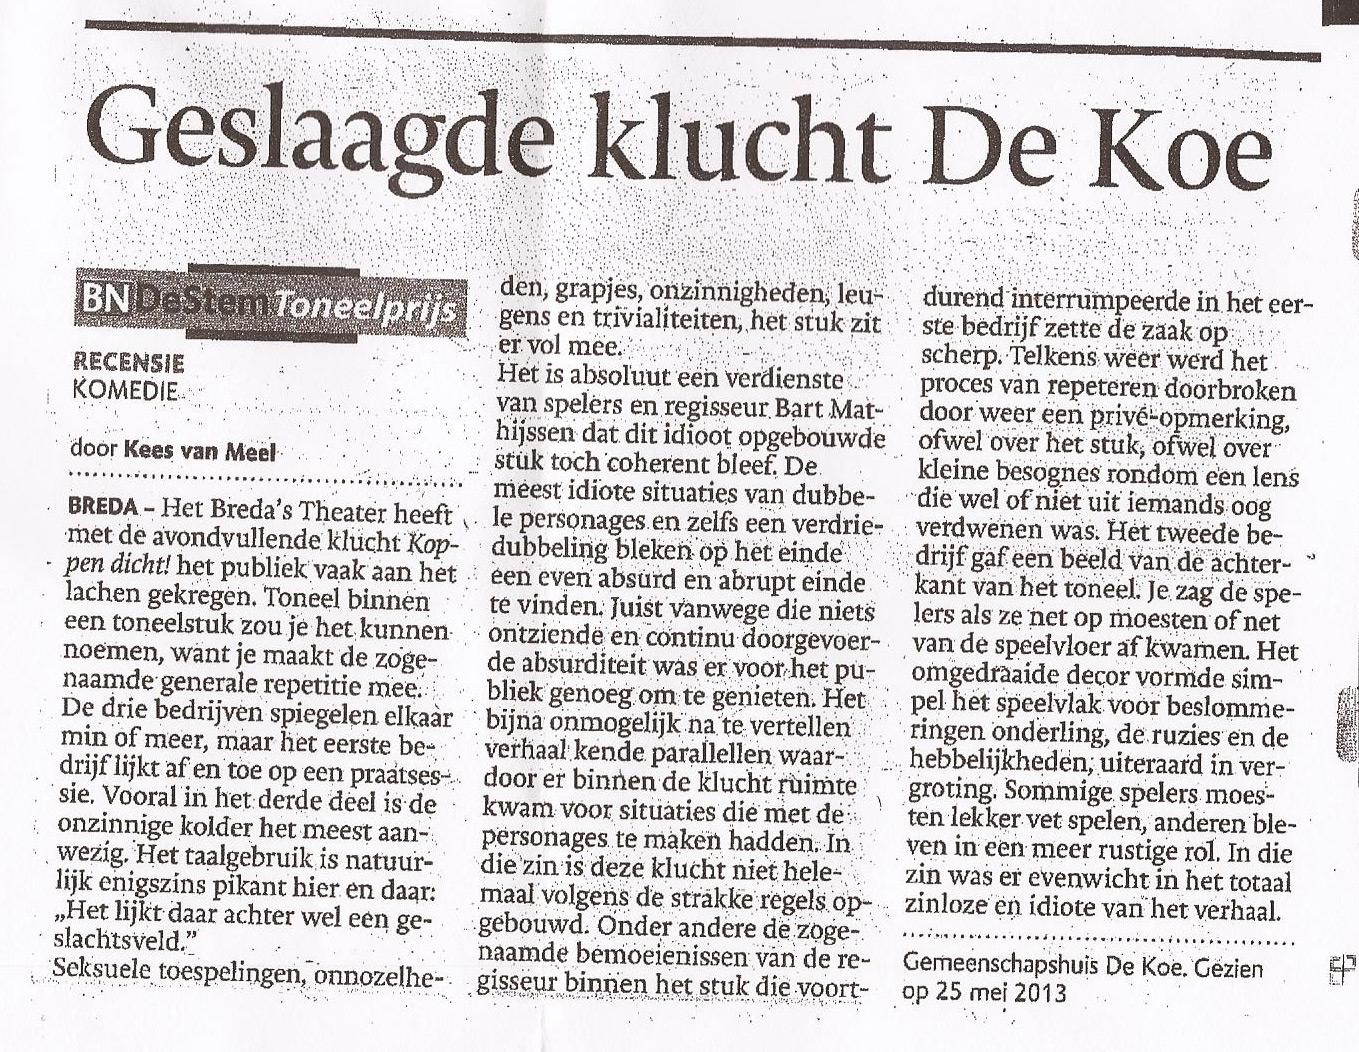 Recensie Koppen Dicht - mei 2013